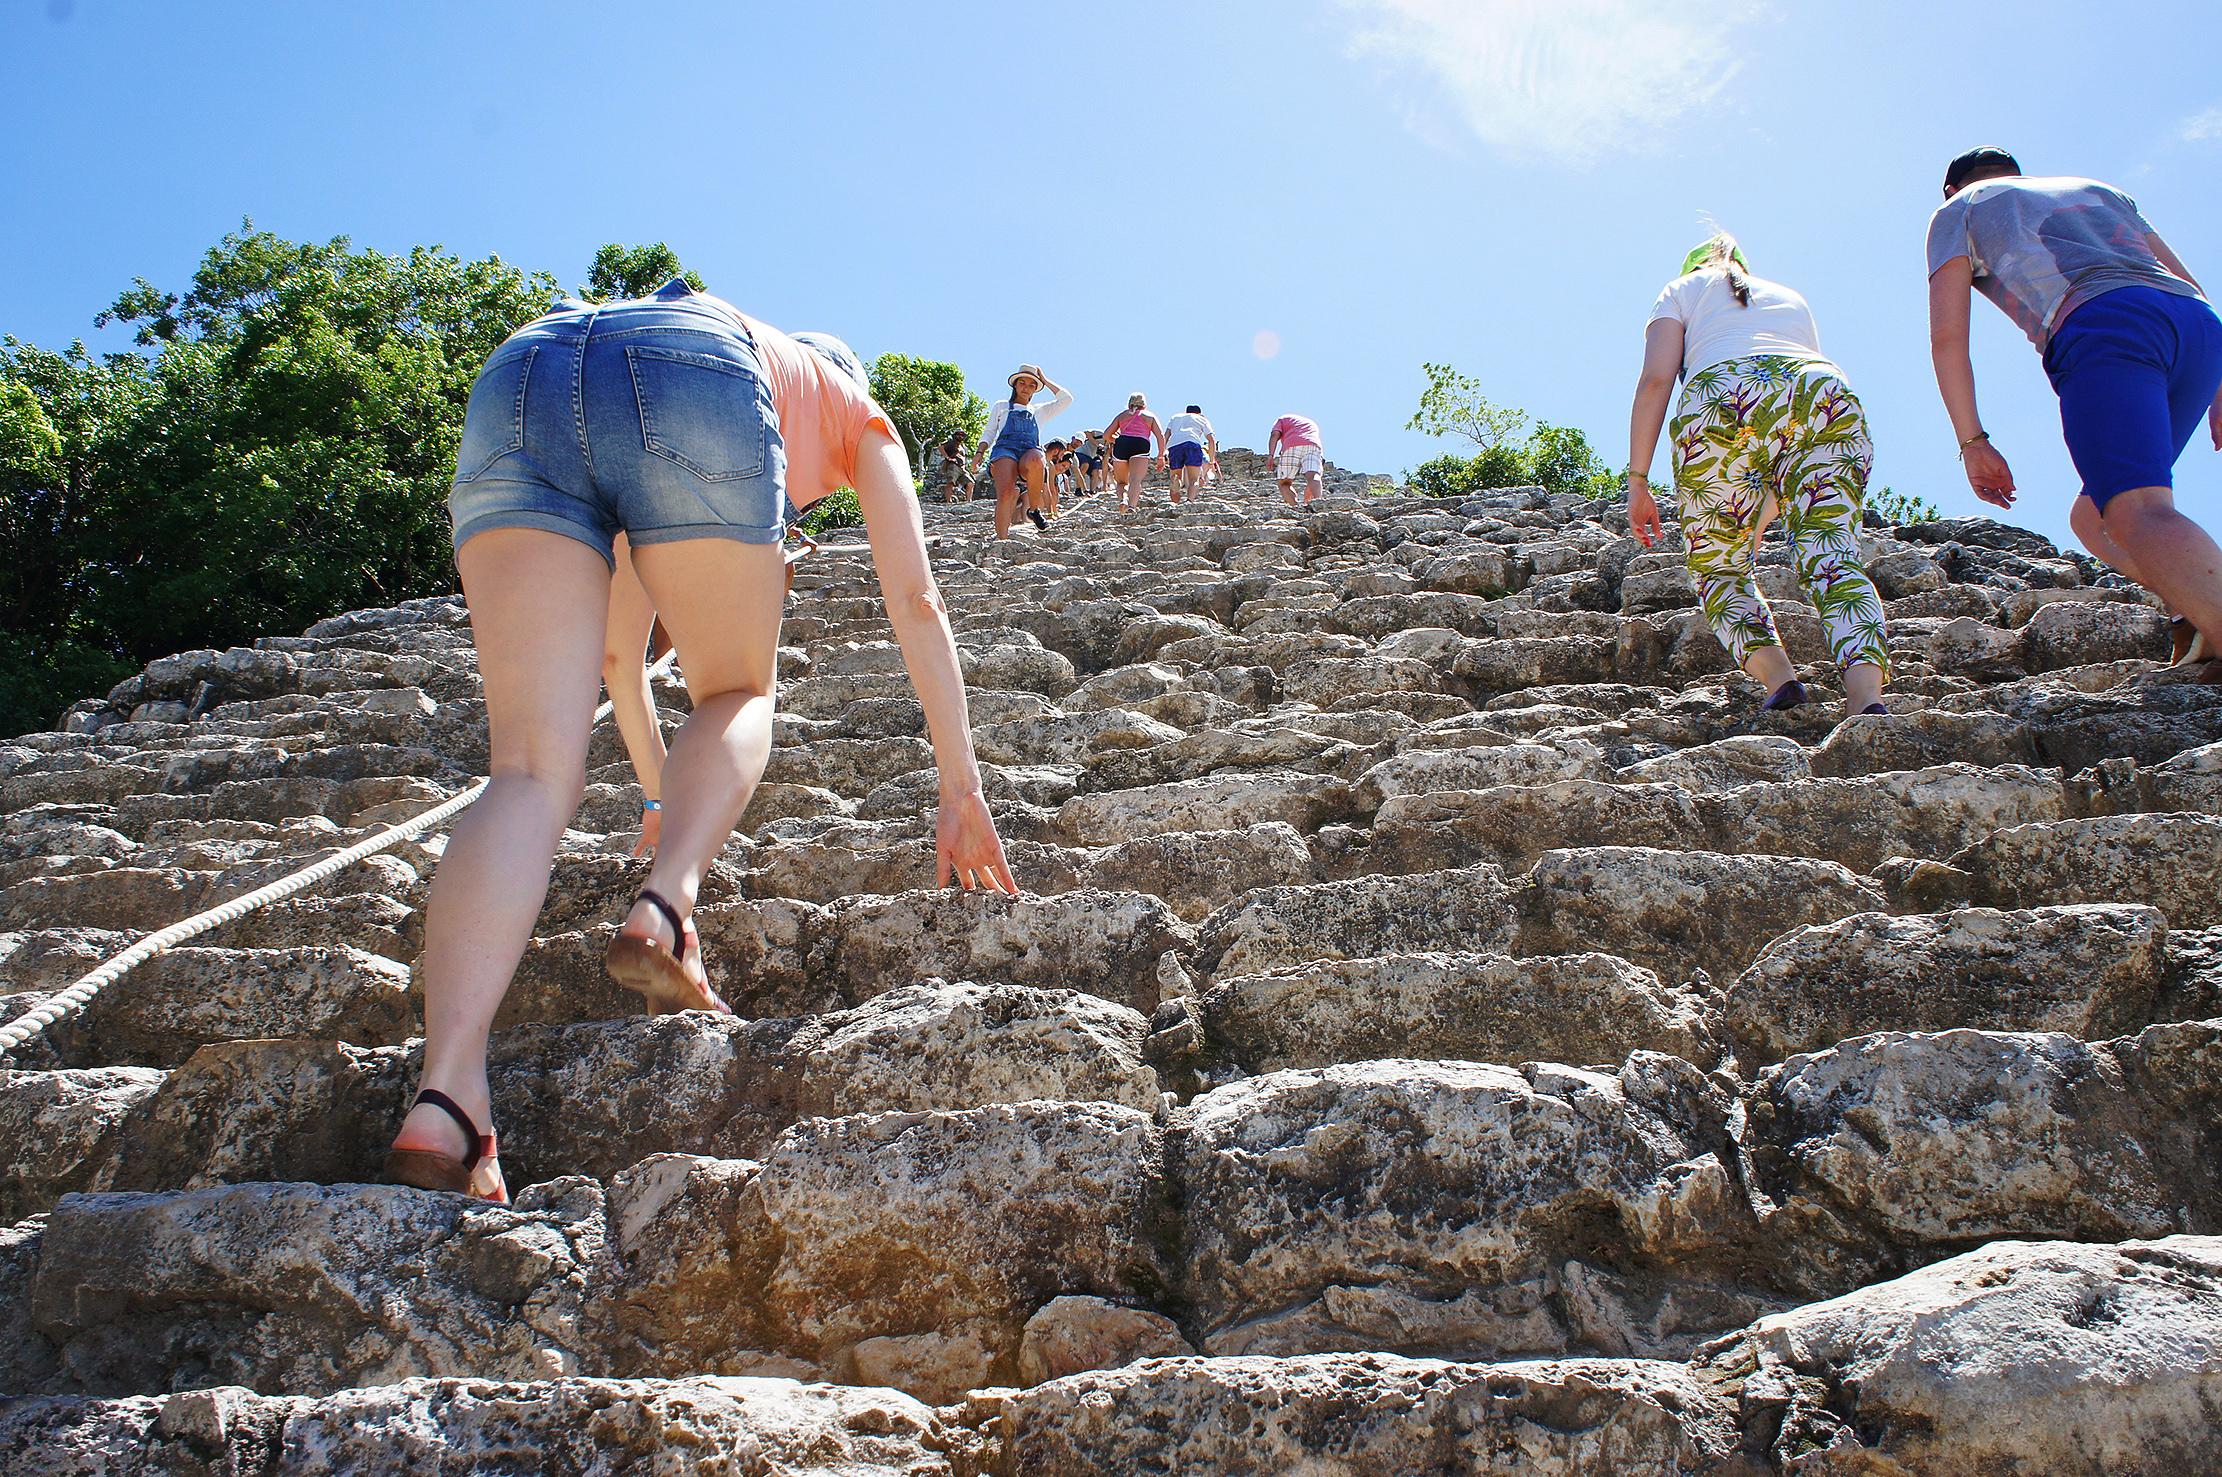 Скользкие ступени отшлифованы ногами тысяч туристов, поэтому подниматься тяжело